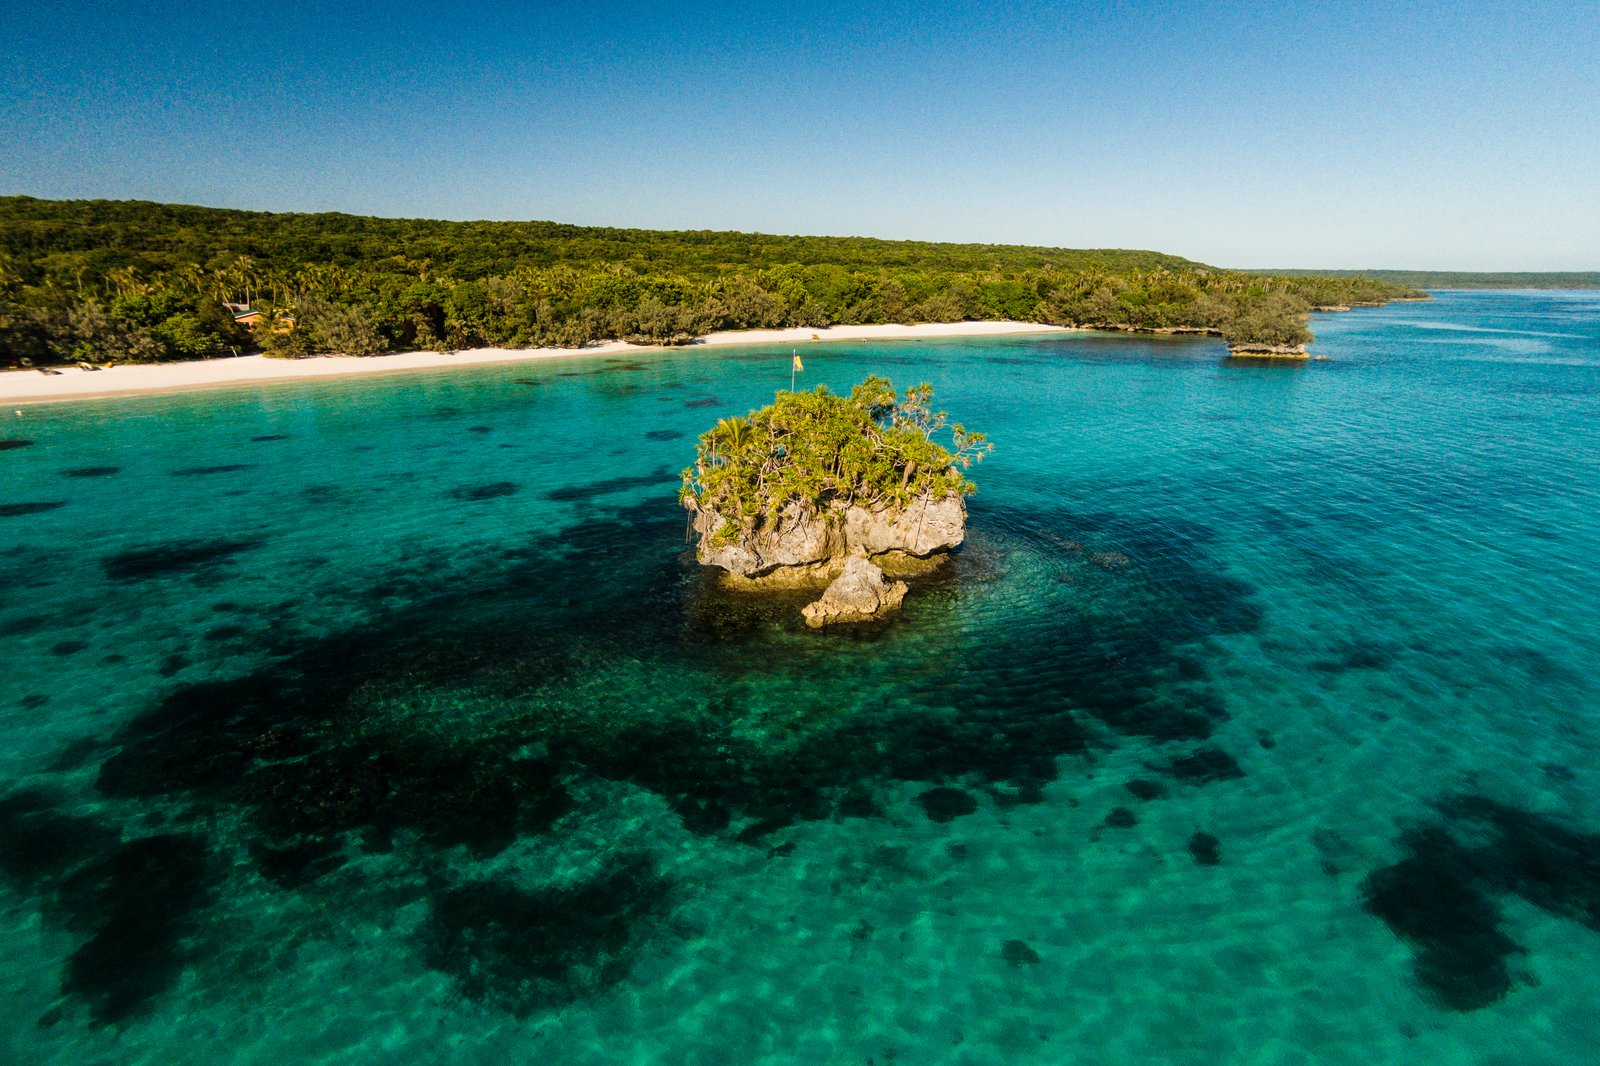 plage de Luengöni, Lifou, Nouvelle-Calédonie